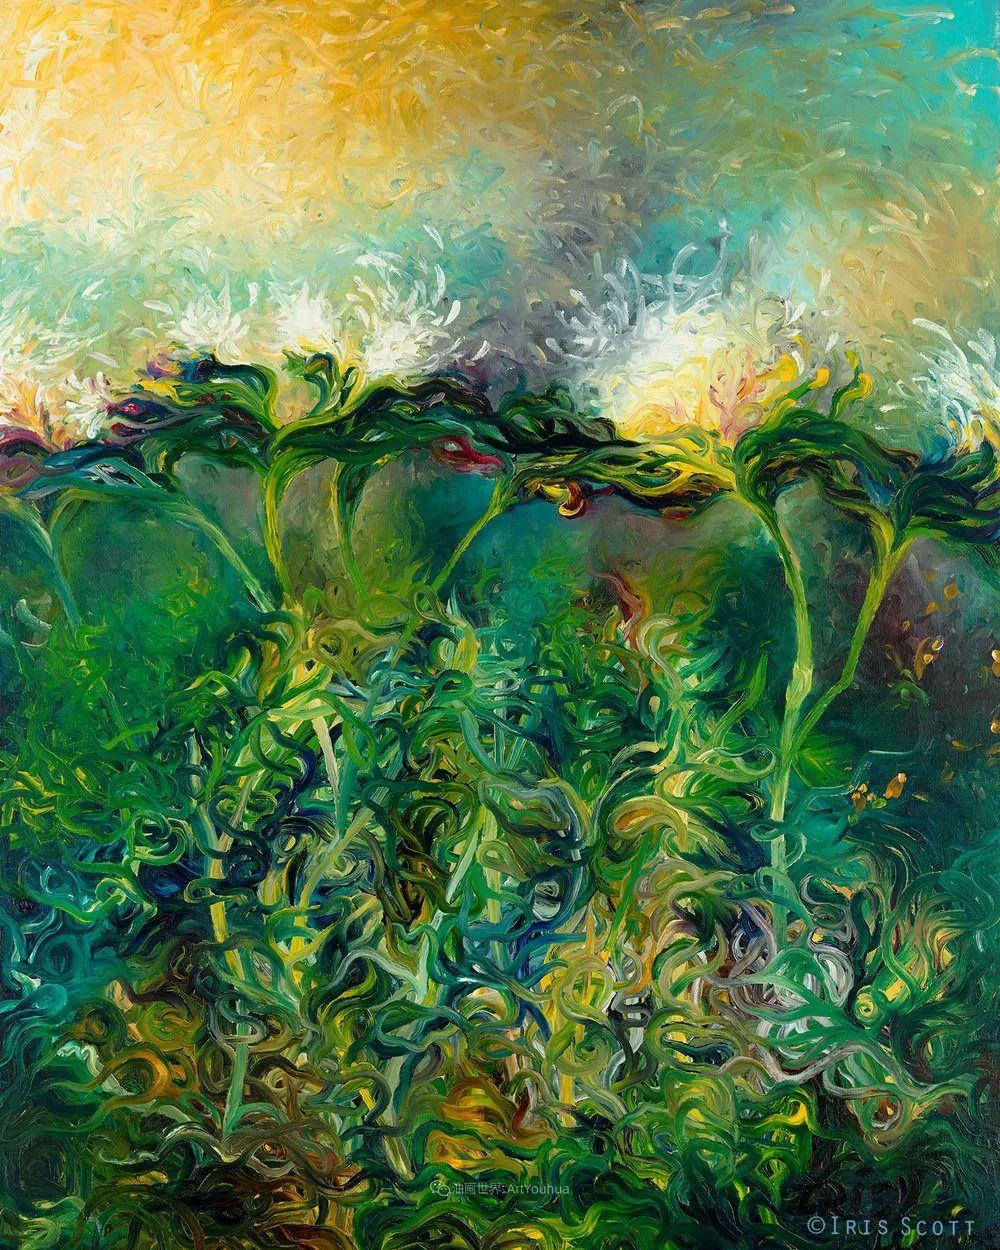 她用指尖来革新艺术世界,美国画家Iris Scott画选(上)插图13